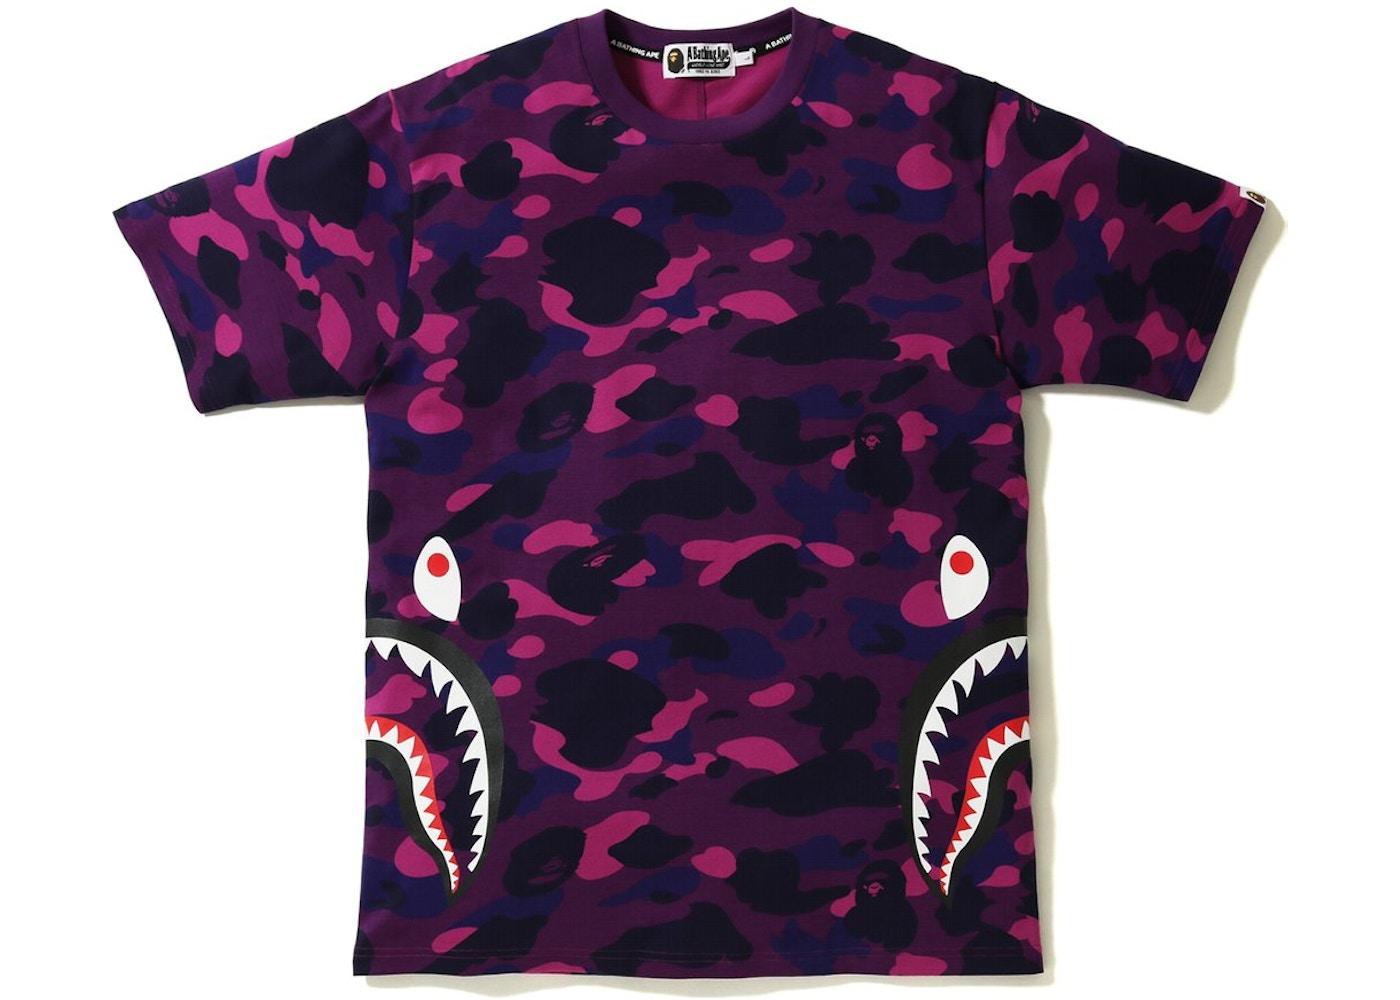 6a9c2c77a BAPE Color Camo Side Shark Tee Purple. Color Camo Side Shark